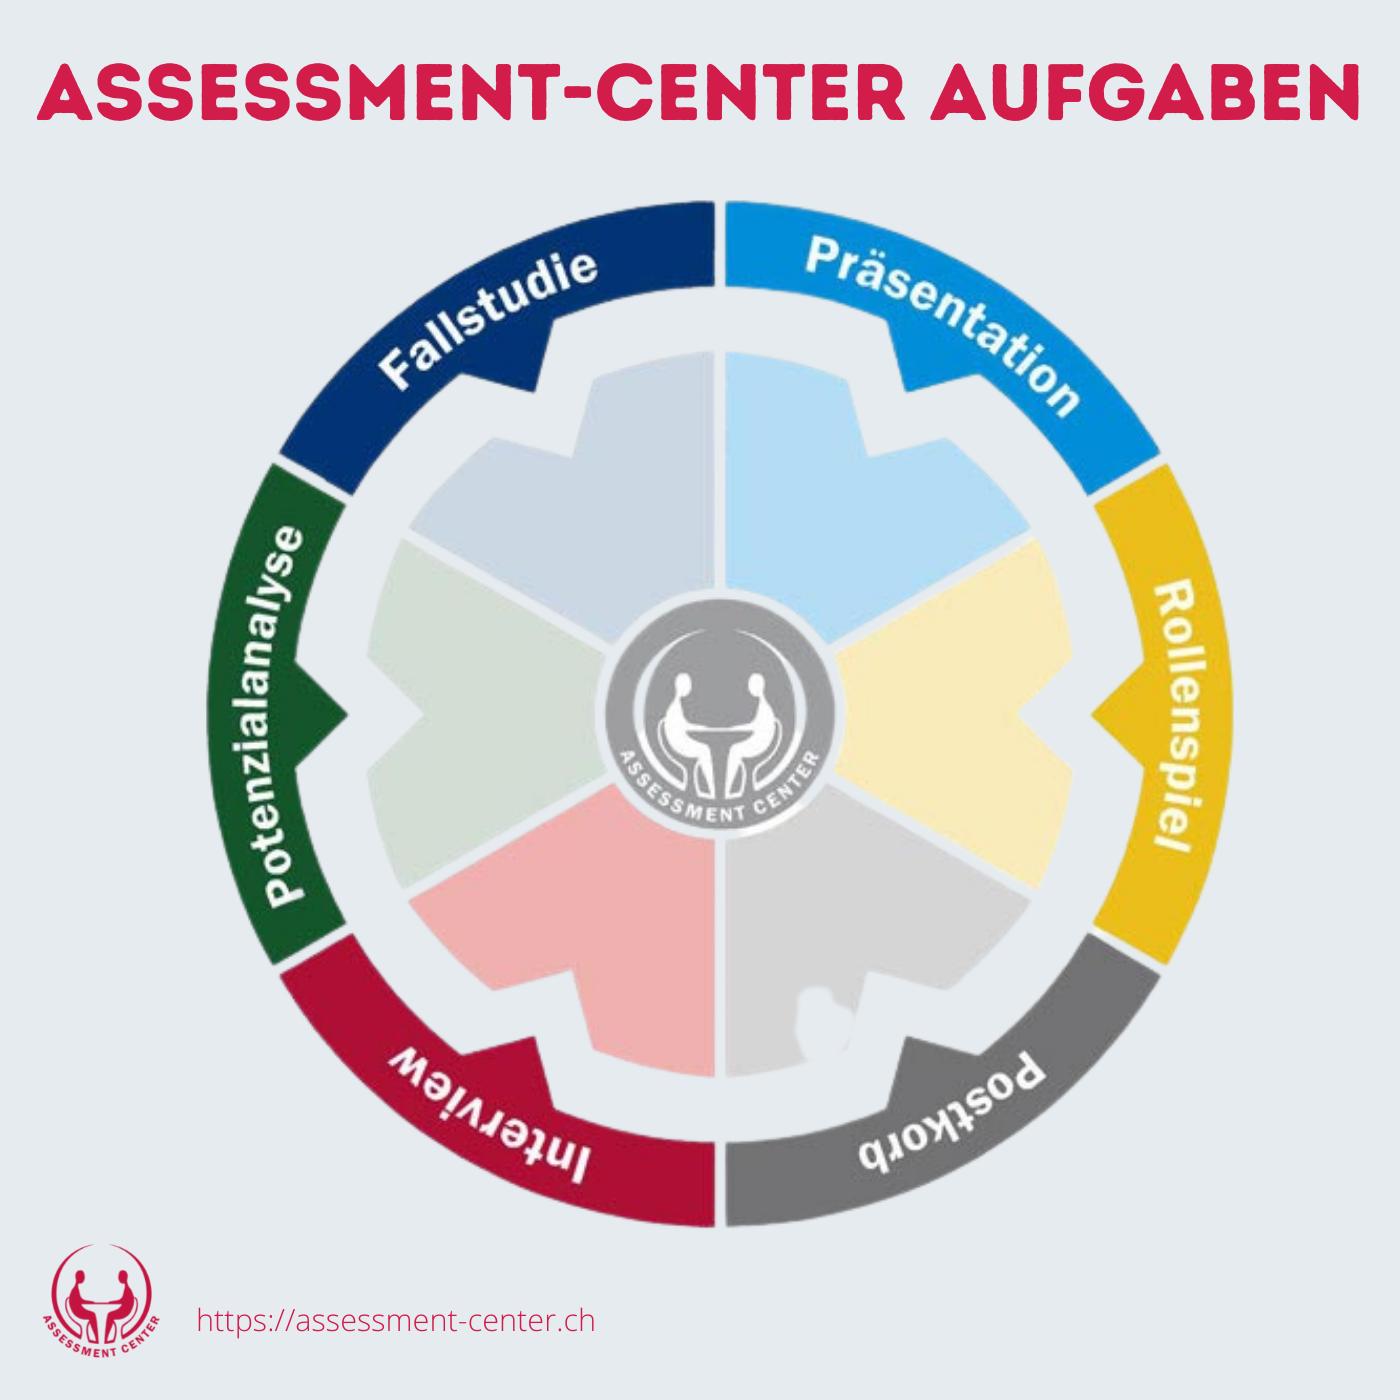 Häufige Aufgaben im Assessment-Center